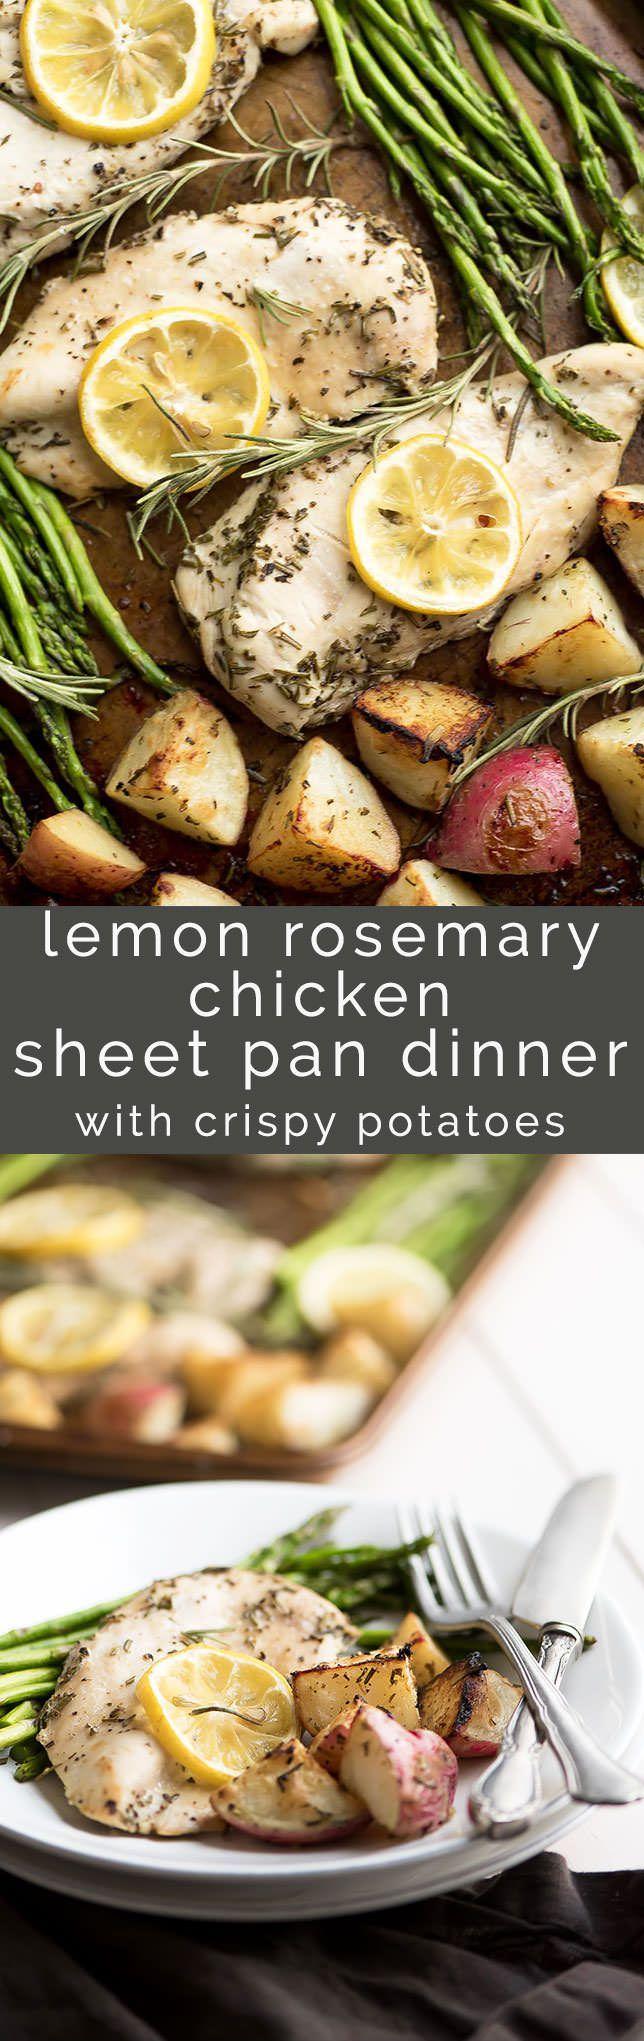 Lemon Rosemary Chicken Sheet Pan Dinner is the holy grails of dinner! Garlic, crispy potatoes cooked along lemon rosemary asparagus & chicken, on one pan!